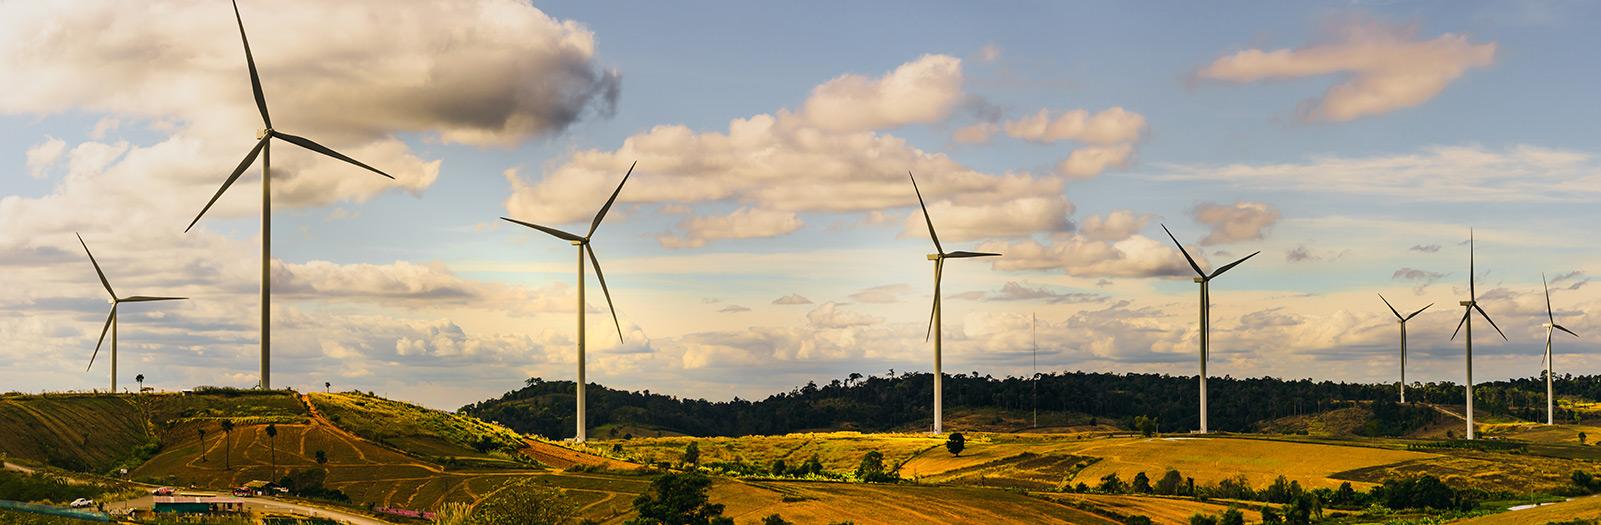 Rückbau Windenergieanlagen